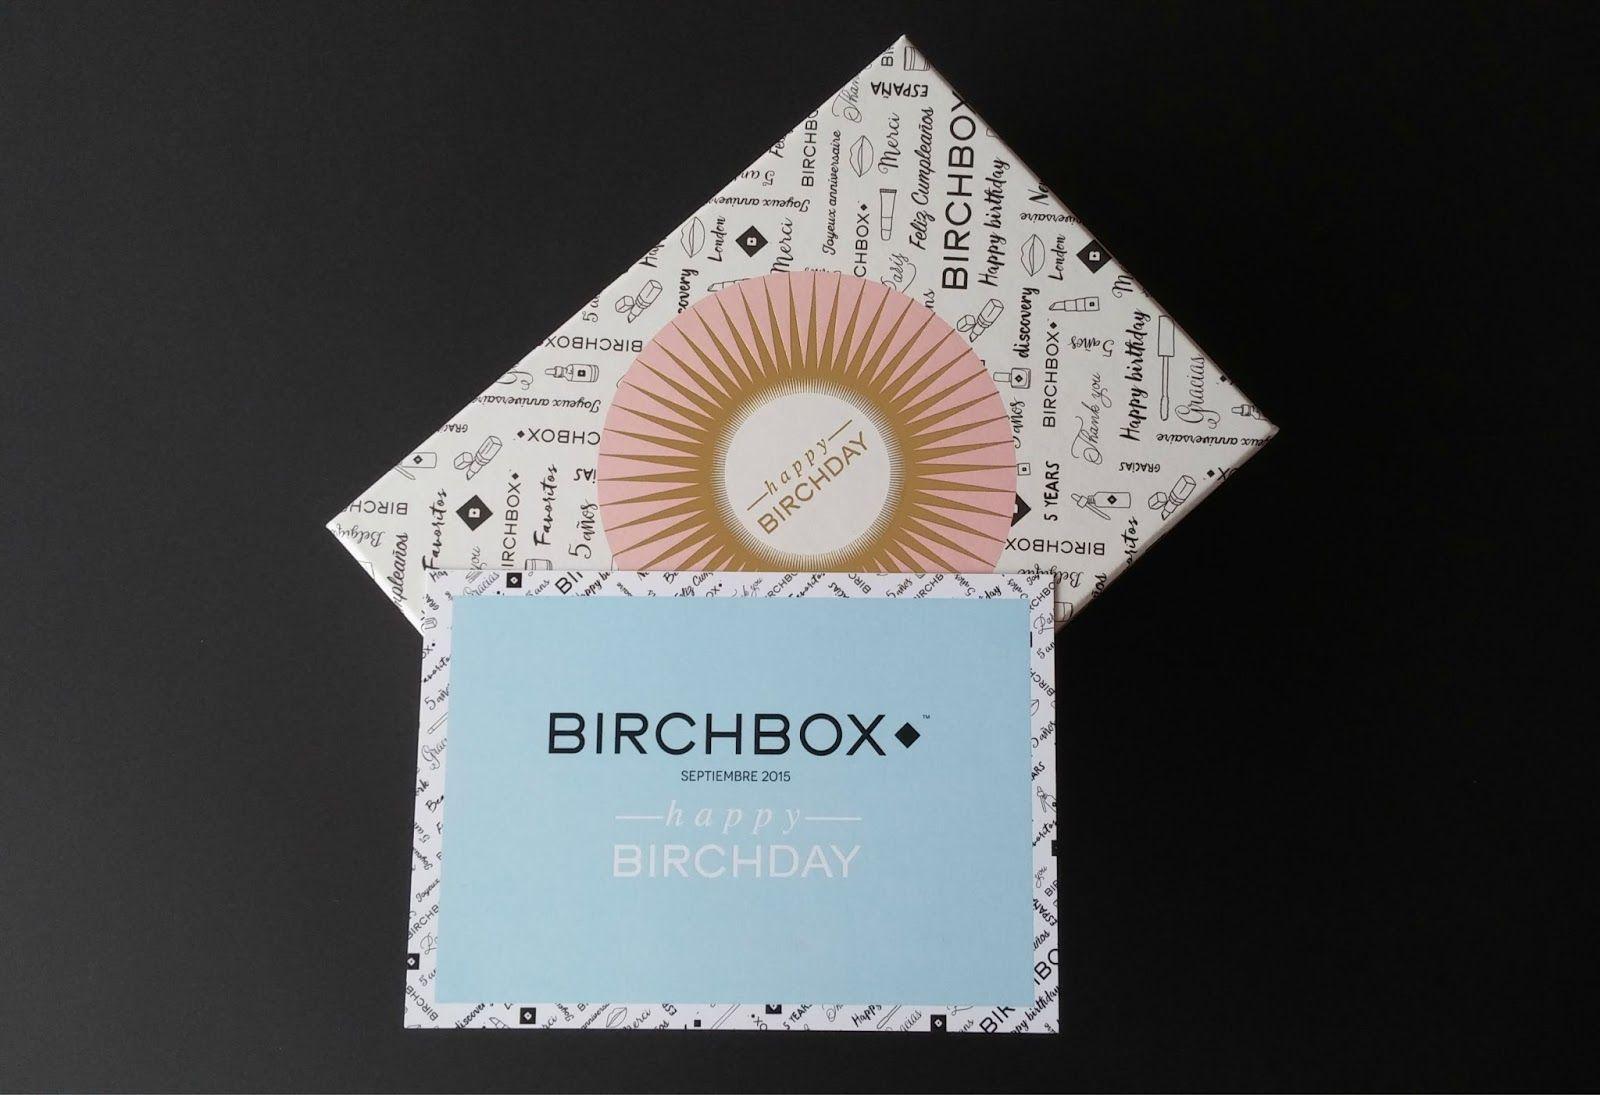 birchbox, happy birchday, septiembre 2015